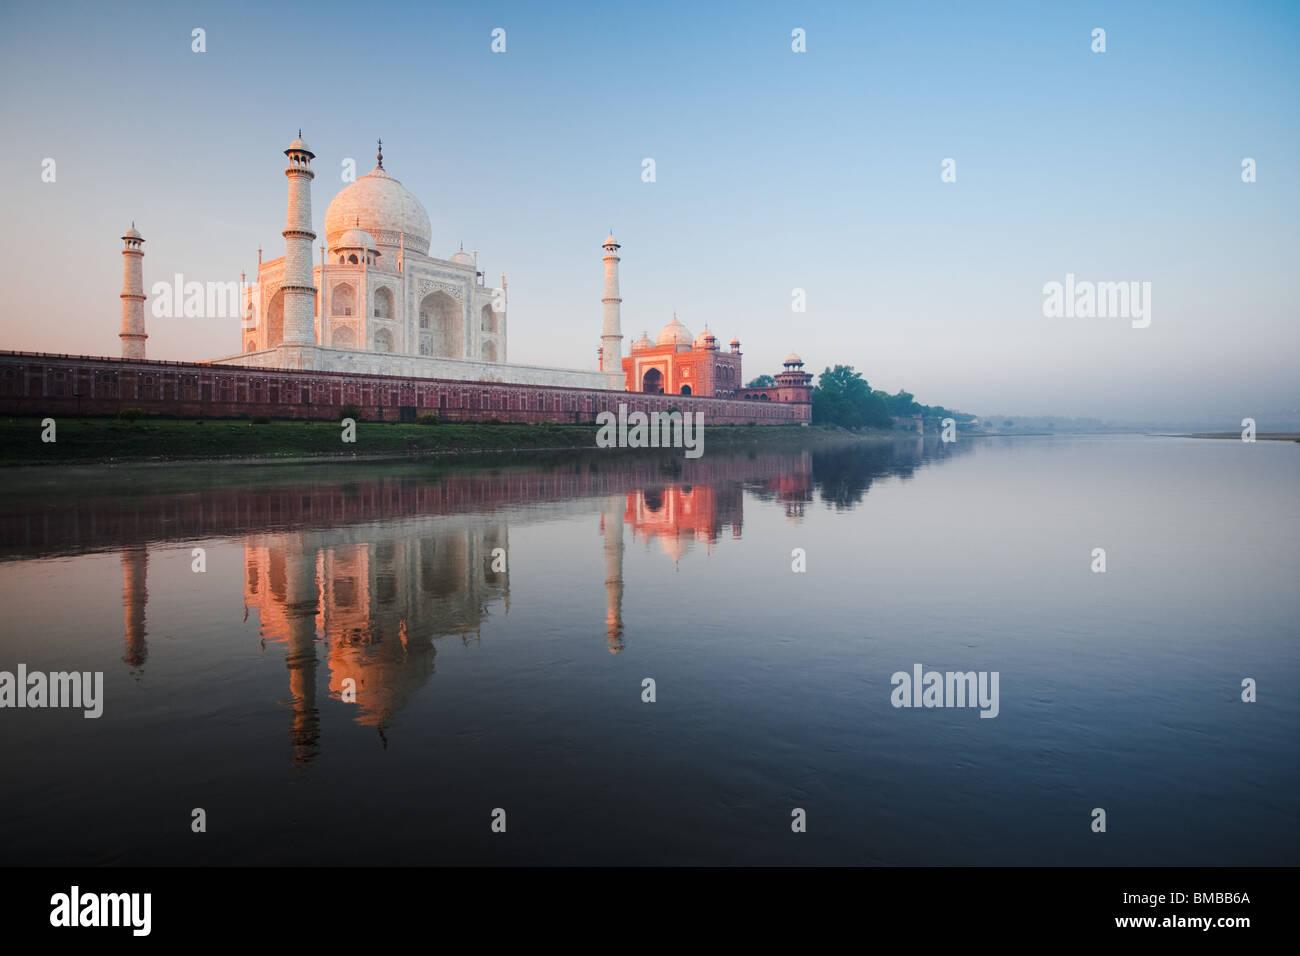 El Taj Mahal se ilumina en rojo al amanecer junto al río Jamuna santo. Imagen De Stock